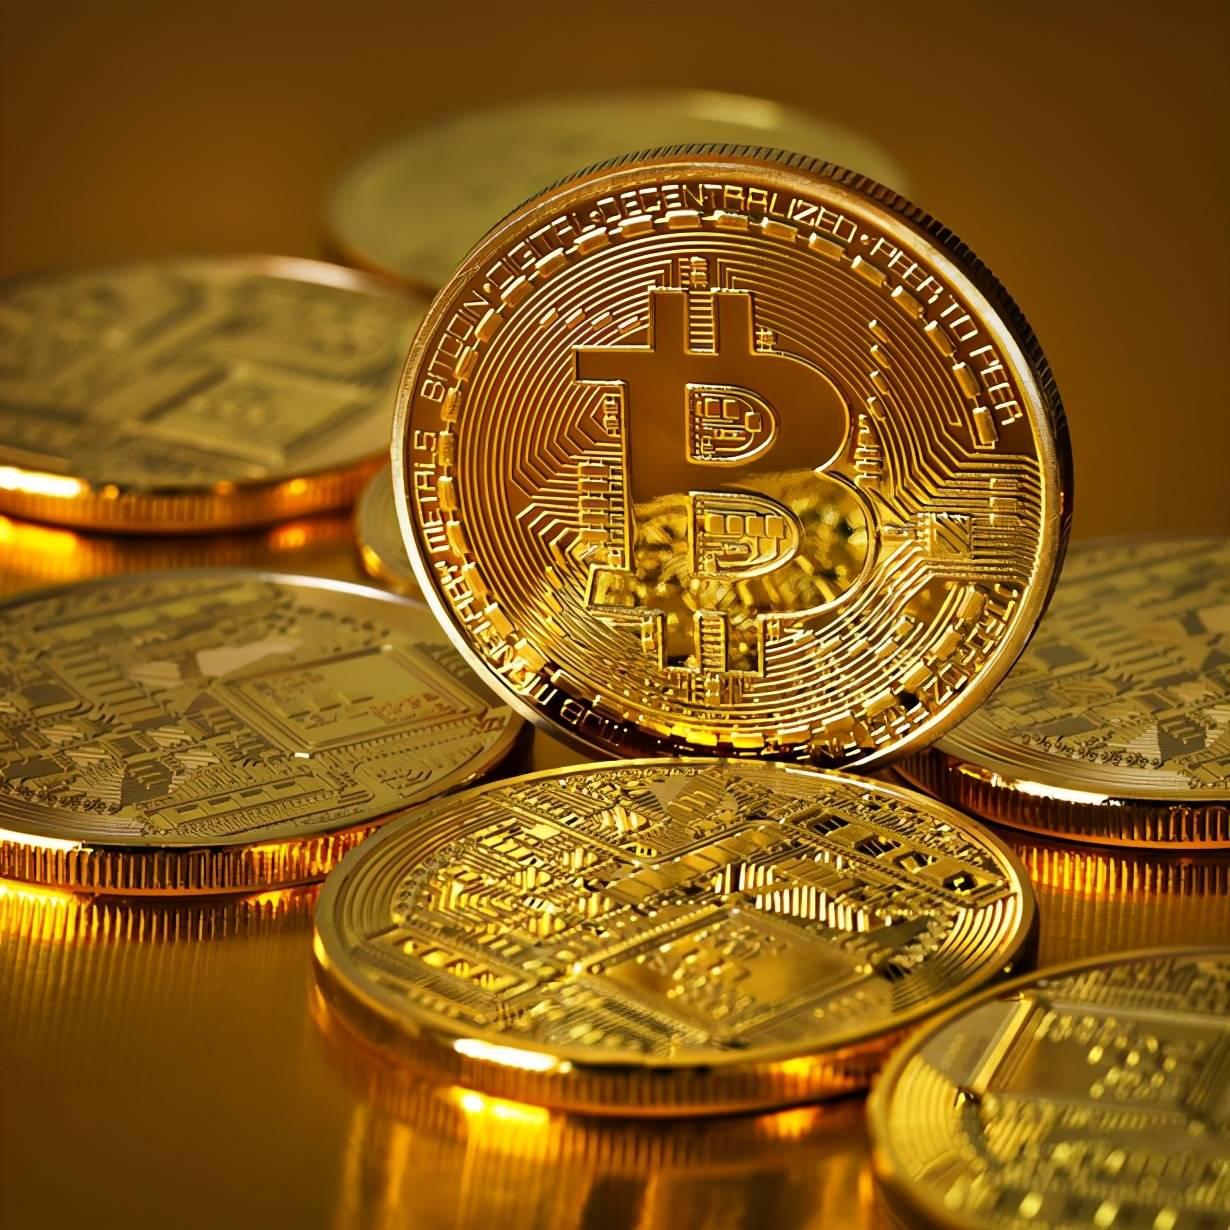 比特币创造者身份成谜,其财富高达620亿美元,比尔盖茨这样评价